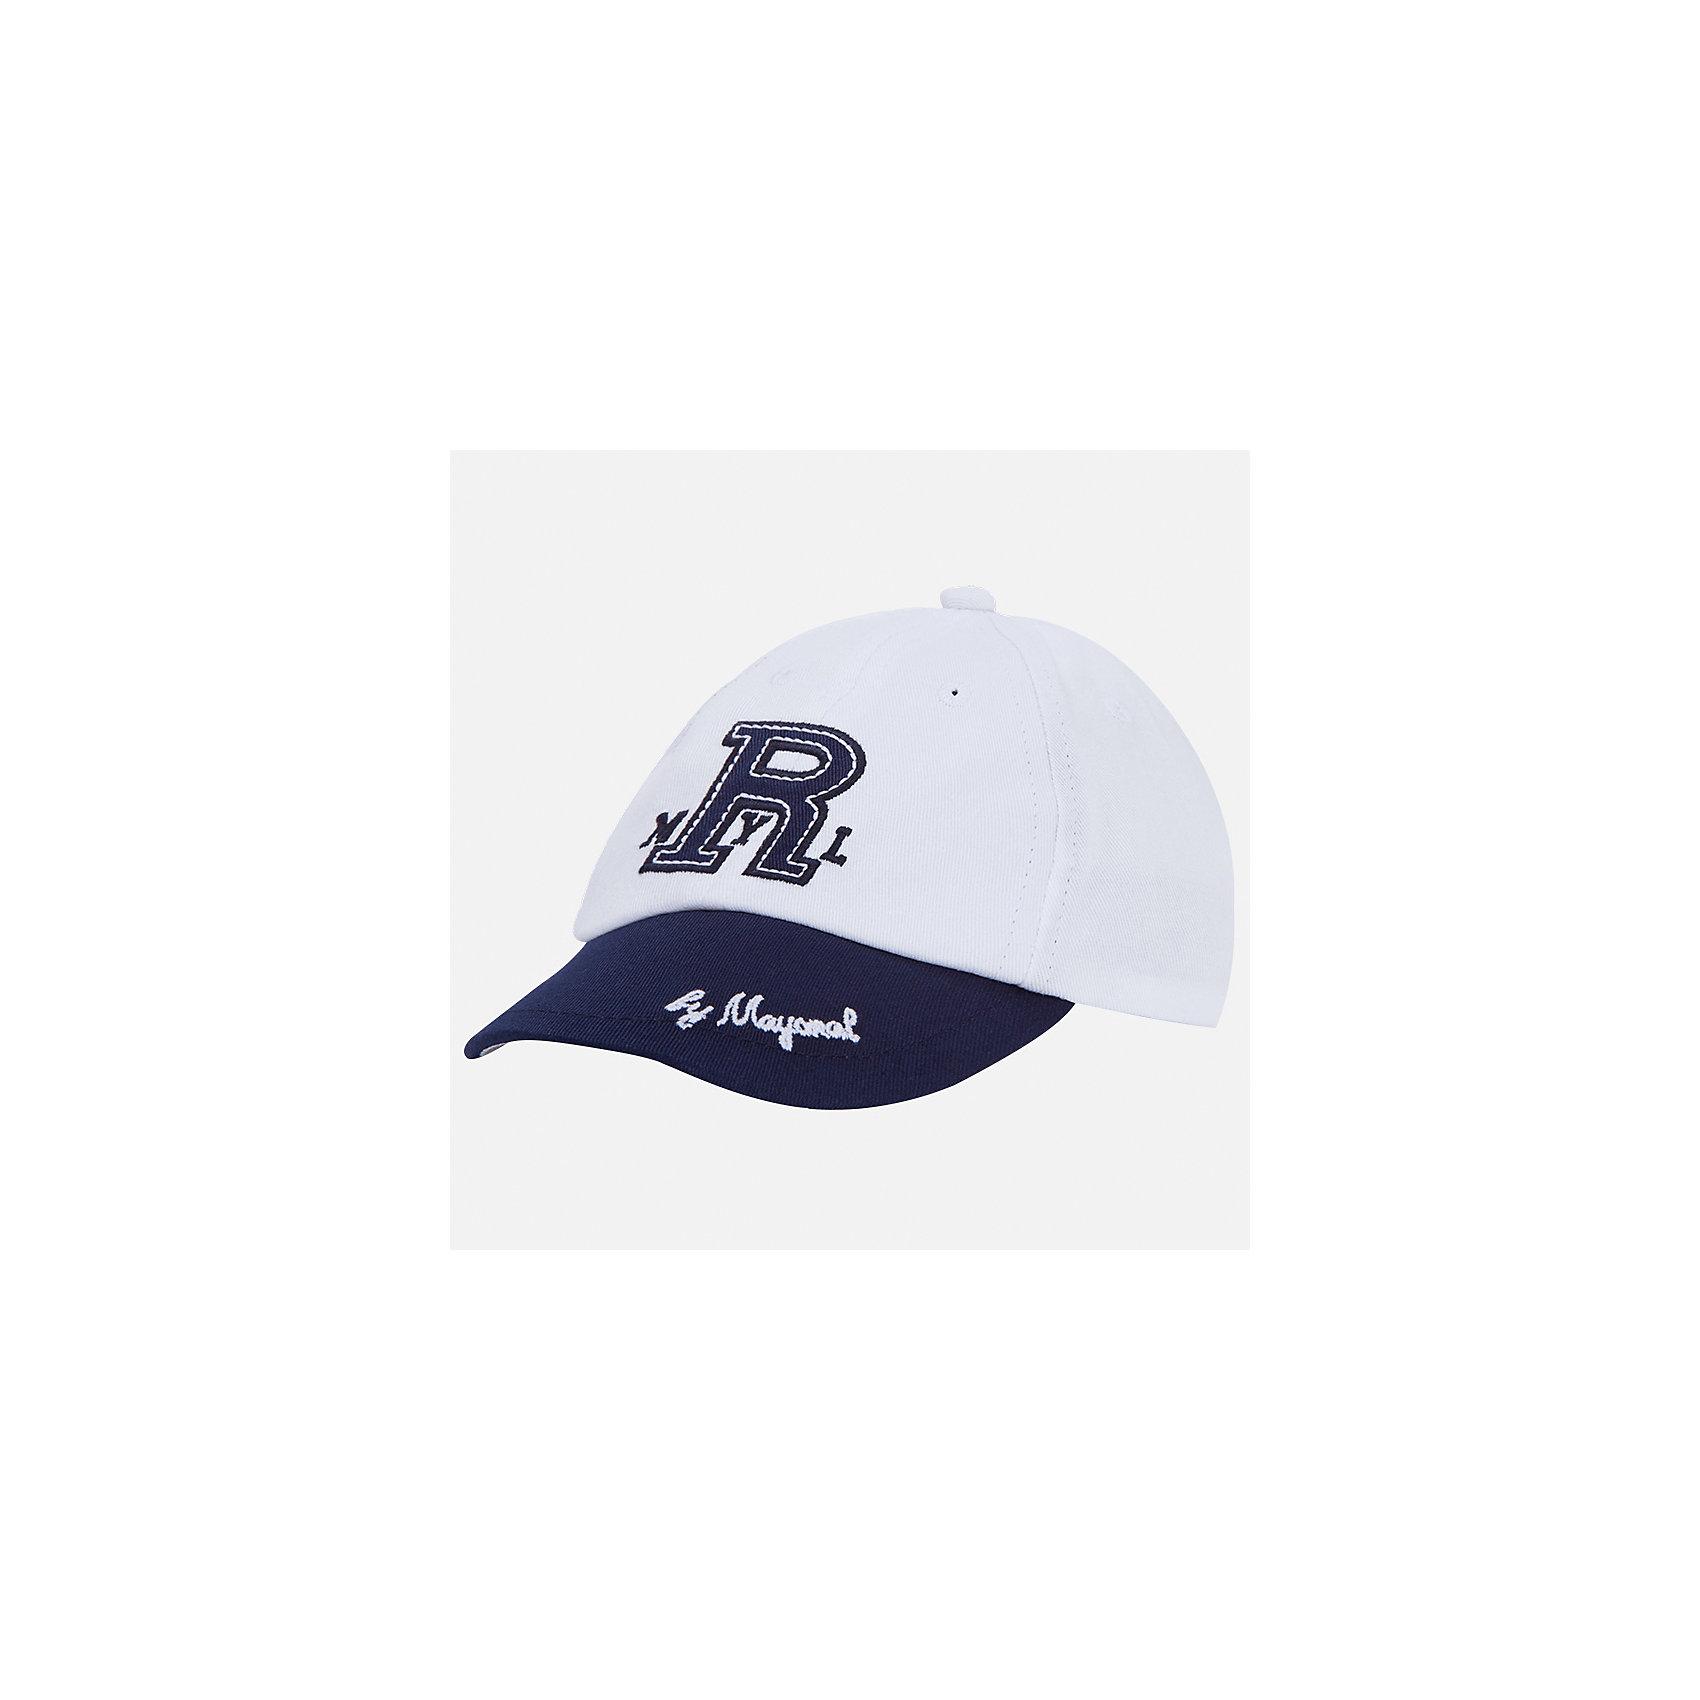 Козырек для мальчика MayoralХарактеристики товара:<br><br>• цвет: белый/синий<br>• состав: 100% хлопок, подкладка - 80% полиэстер, 20% хлопок<br>• сзади - регулятор размера<br>• отверстия для вентиляции<br>• декорирована вышивкой<br>• страна бренда: Испания<br><br>Красивая удобная кепка поможет обеспечить ребенку защиту от солнца и дополнить наряд. Универсальный цвет позволяет надевать её под одежду различных расцветок. Кепка удобно сидит и красиво смотрится. В составе материала - натуральный хлопок, гипоаллергенный, приятный на ощупь, дышащий. <br><br>Одежда, обувь и аксессуары от испанского бренда Mayoral полюбились детям и взрослым по всему миру. Модели этой марки - стильные и удобные. Для их производства используются только безопасные, качественные материалы и фурнитура. Порадуйте ребенка модными и красивыми вещами от Mayoral! <br><br>Кепку для мальчика от испанского бренда Mayoral (Майорал) можно купить в нашем интернет-магазине.<br><br>Ширина мм: 89<br>Глубина мм: 117<br>Высота мм: 44<br>Вес г: 155<br>Цвет: белый<br>Возраст от месяцев: 72<br>Возраст до месяцев: 84<br>Пол: Мужской<br>Возраст: Детский<br>Размер: 54,50,52<br>SKU: 5294405